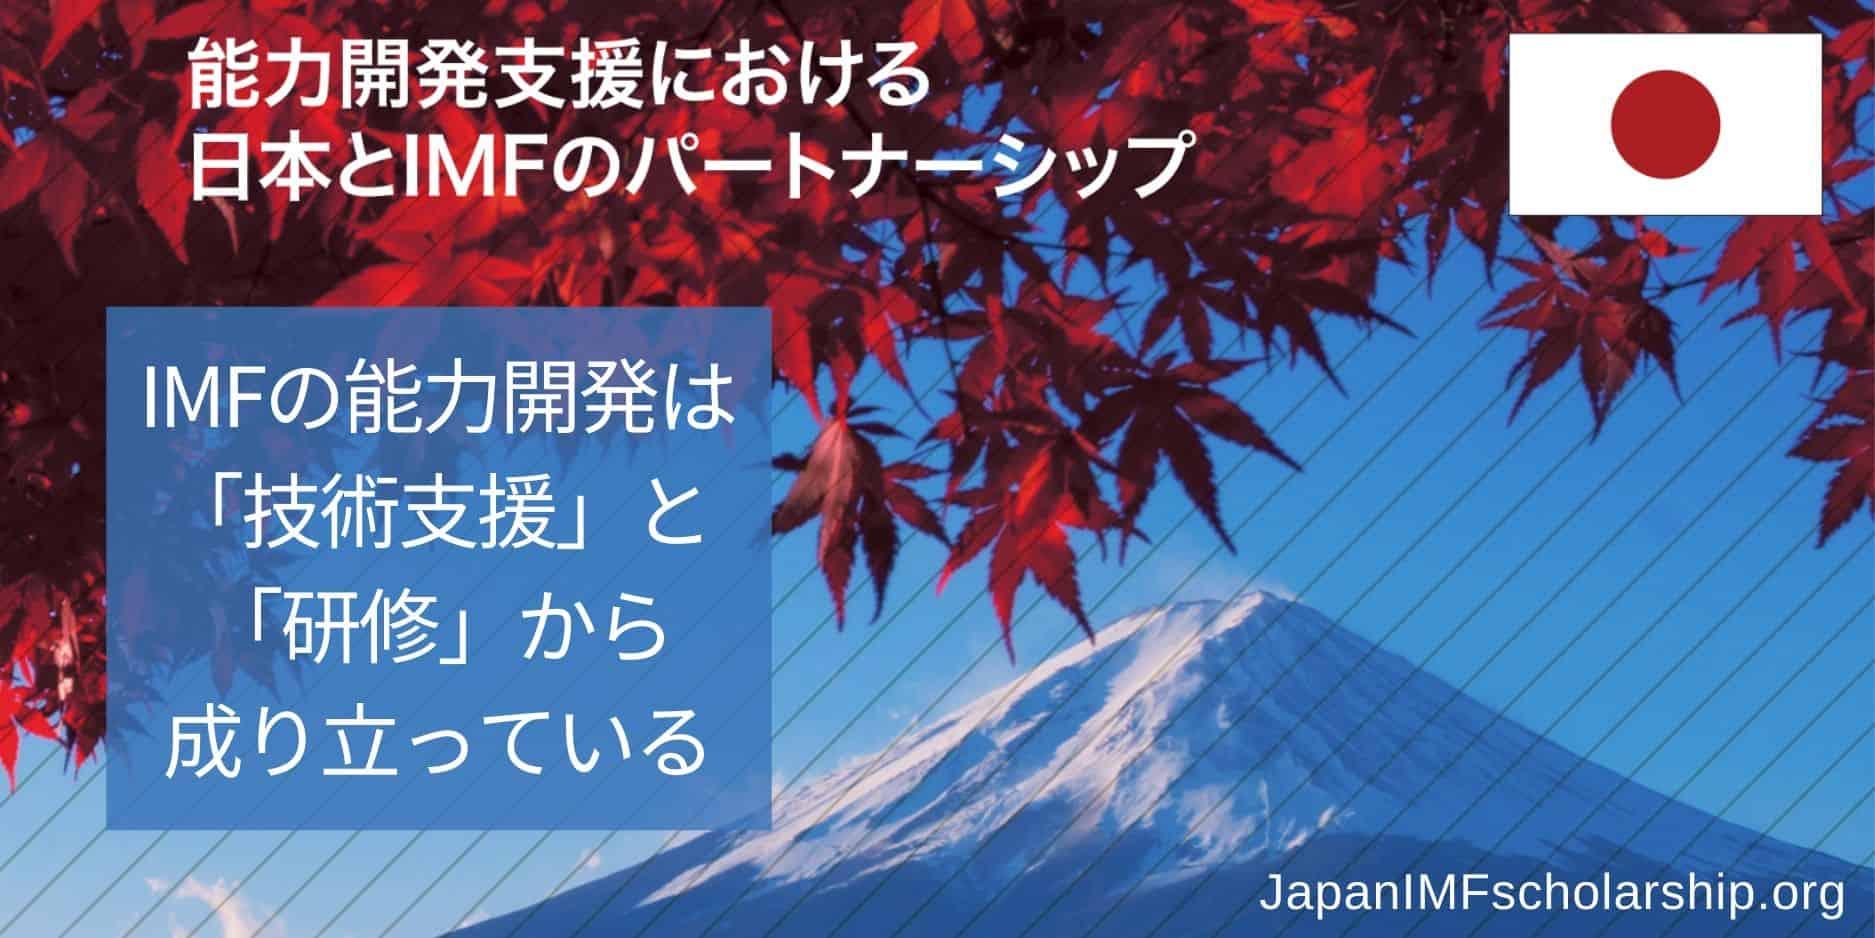 jisp web fb jisp partnership of japan and imf